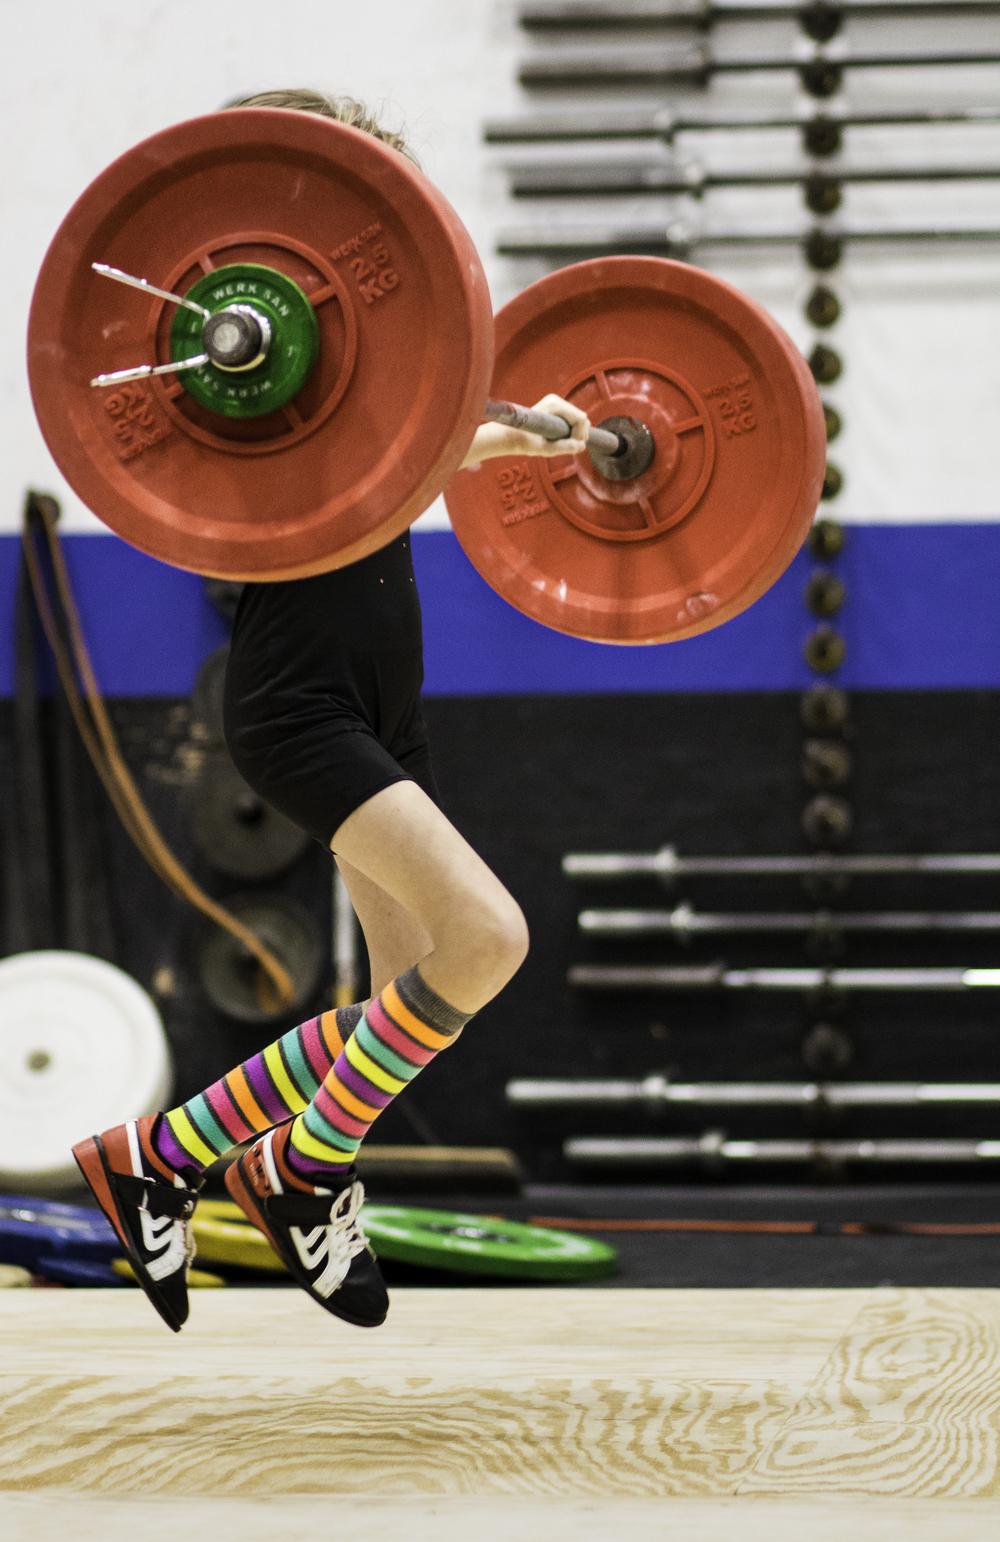 squarespace_2016libertygames_weightliftingmeet-3.jpg